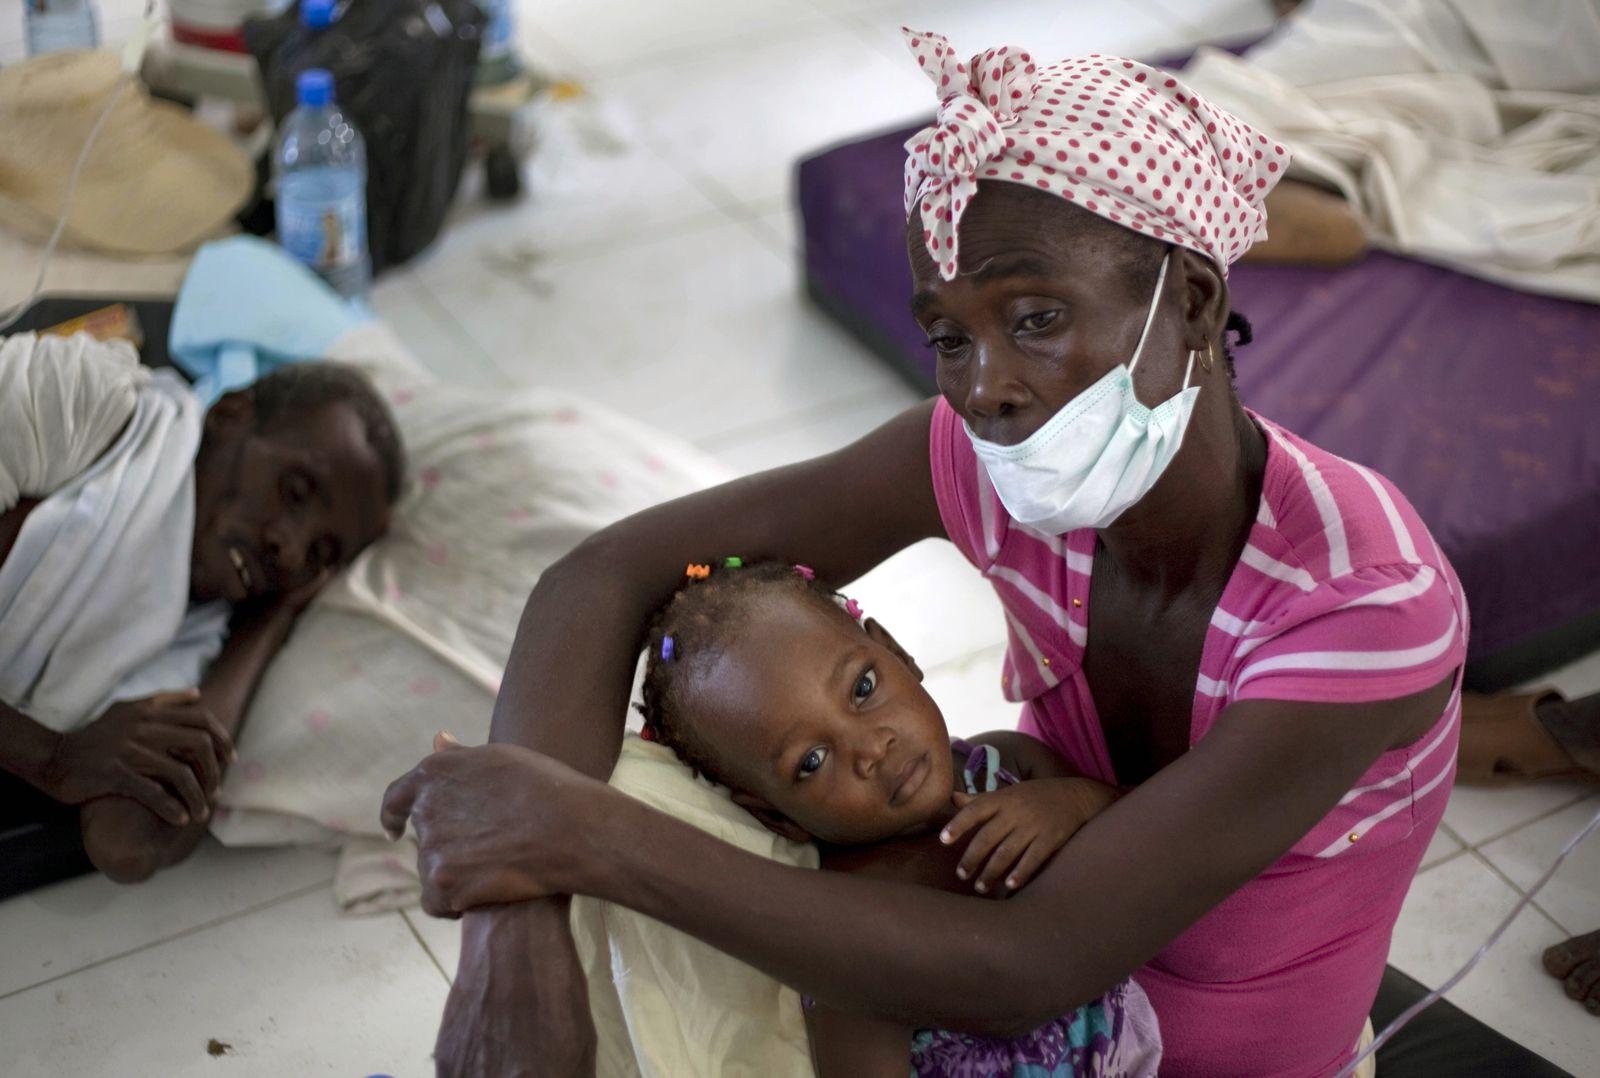 Haiti / Cholera